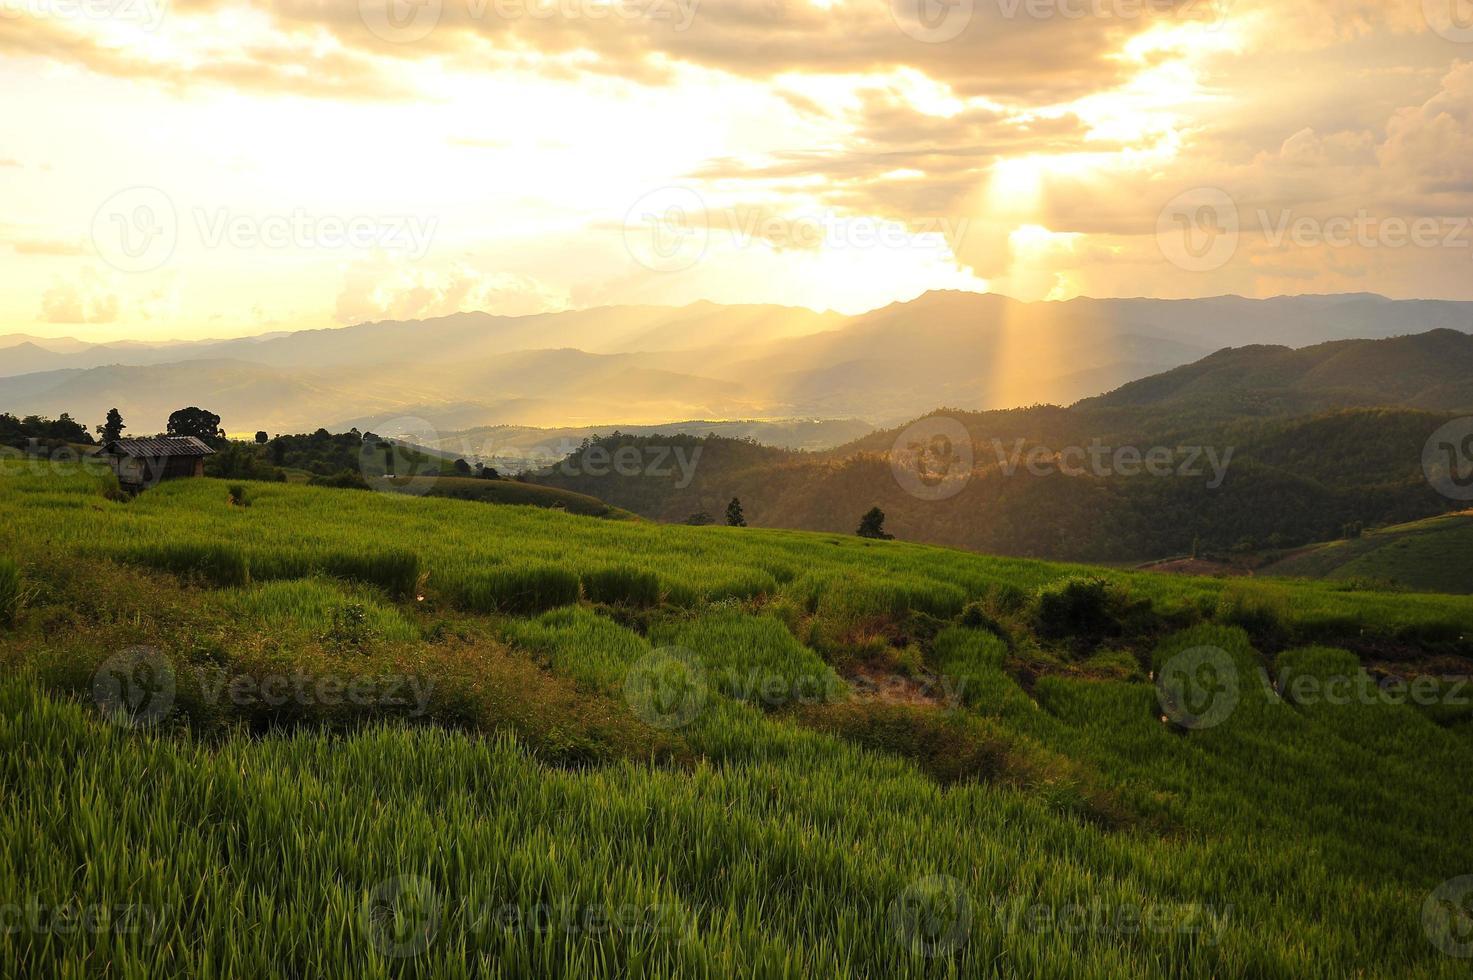 paisaje de campos de arroz en terrazas en la montaña foto